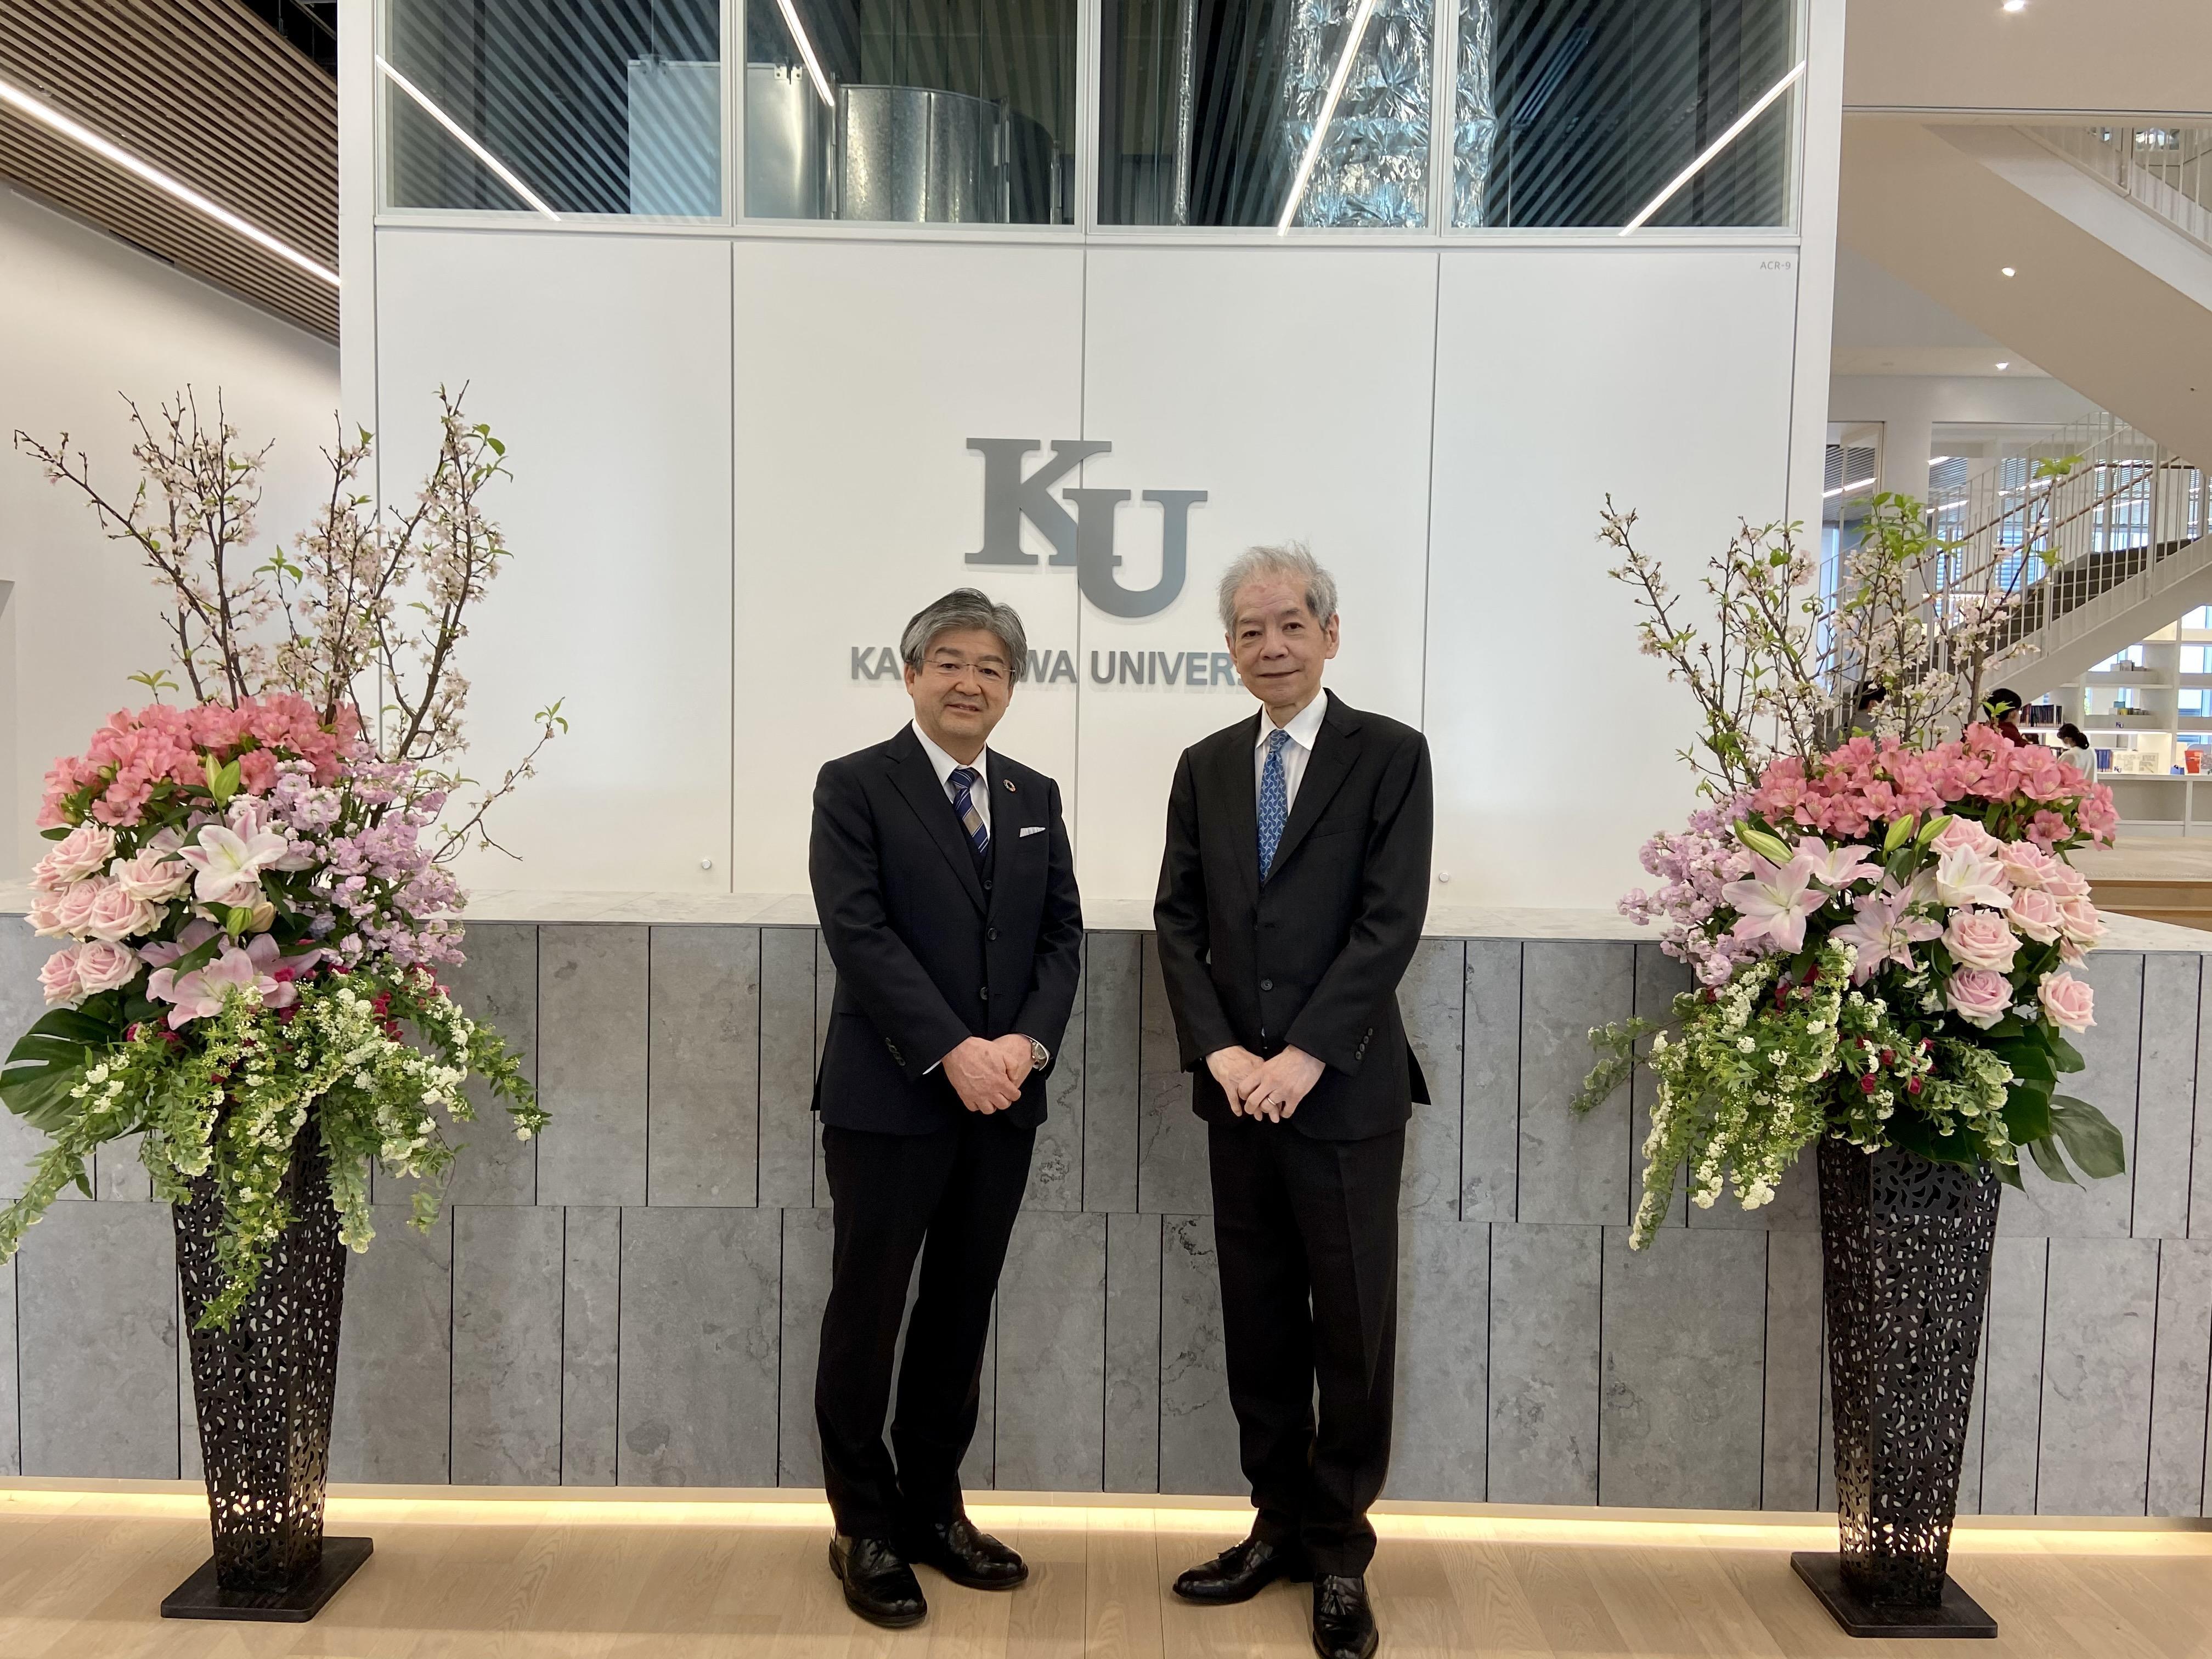 グローバル社会に貢献する教育・研究を、教員・学生とともに。元国連大使 西田恒夫氏2021年4月、神奈川大学 特別招聘教授に就任